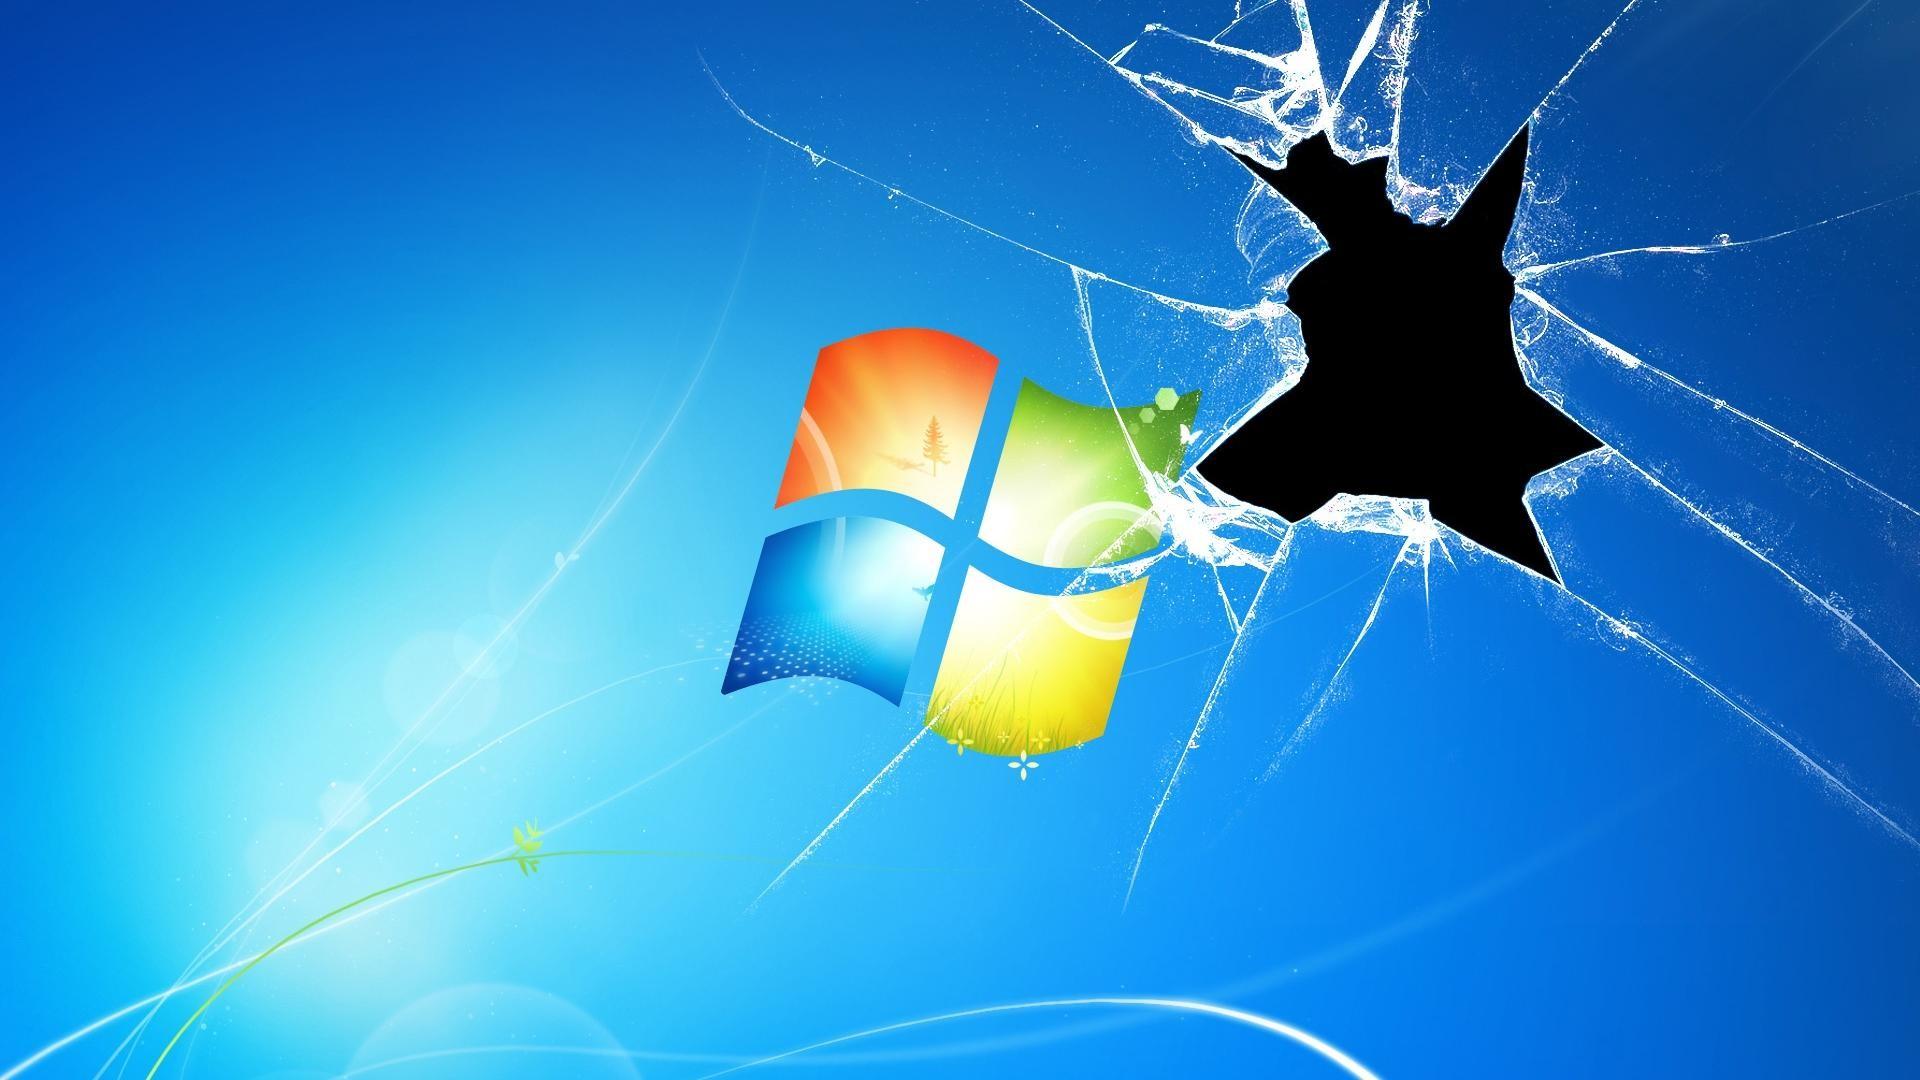 Hình nền 3D đẹp cho máy tính Windows 7 (2)